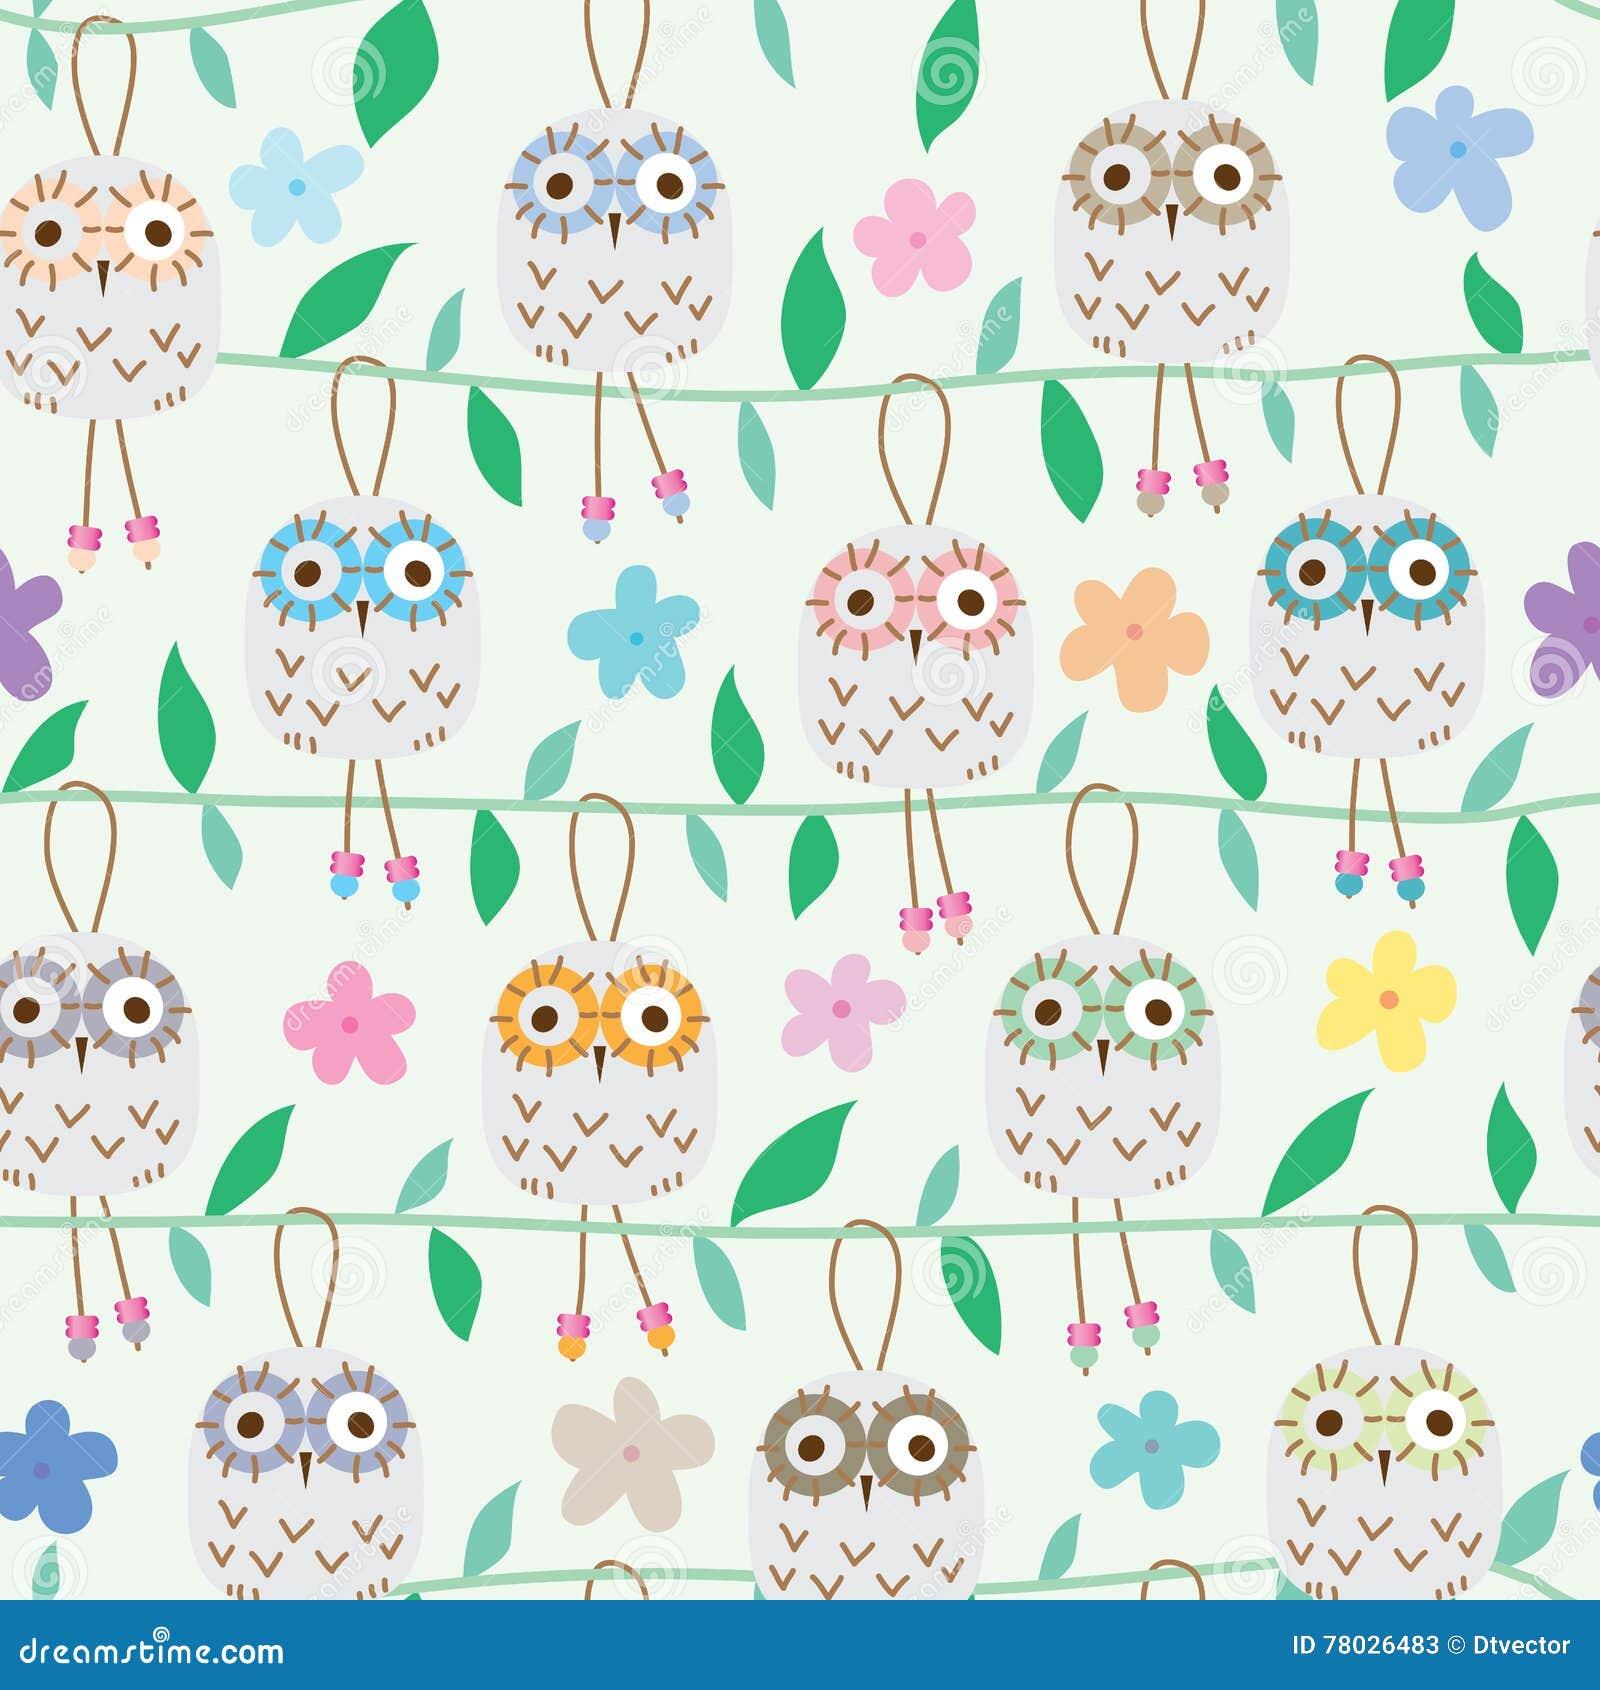 Owl ceramic hang seamless pattern